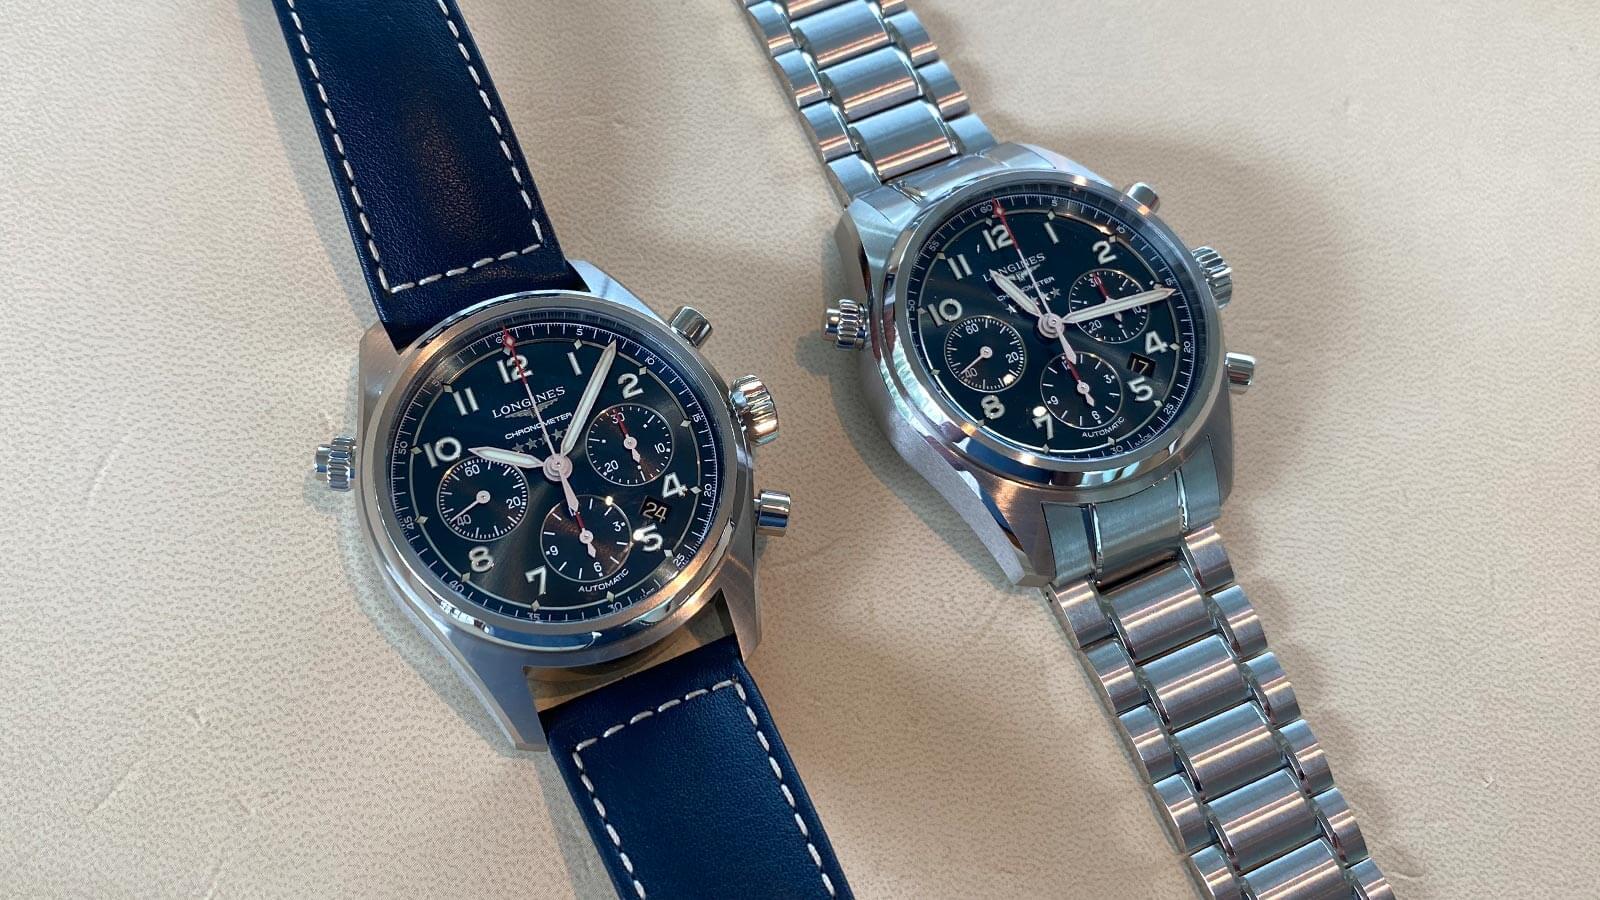 Für den Spirit Chronographen von Longines ist neben dem Lederarmband auch ein Stahlarmband verfügbar